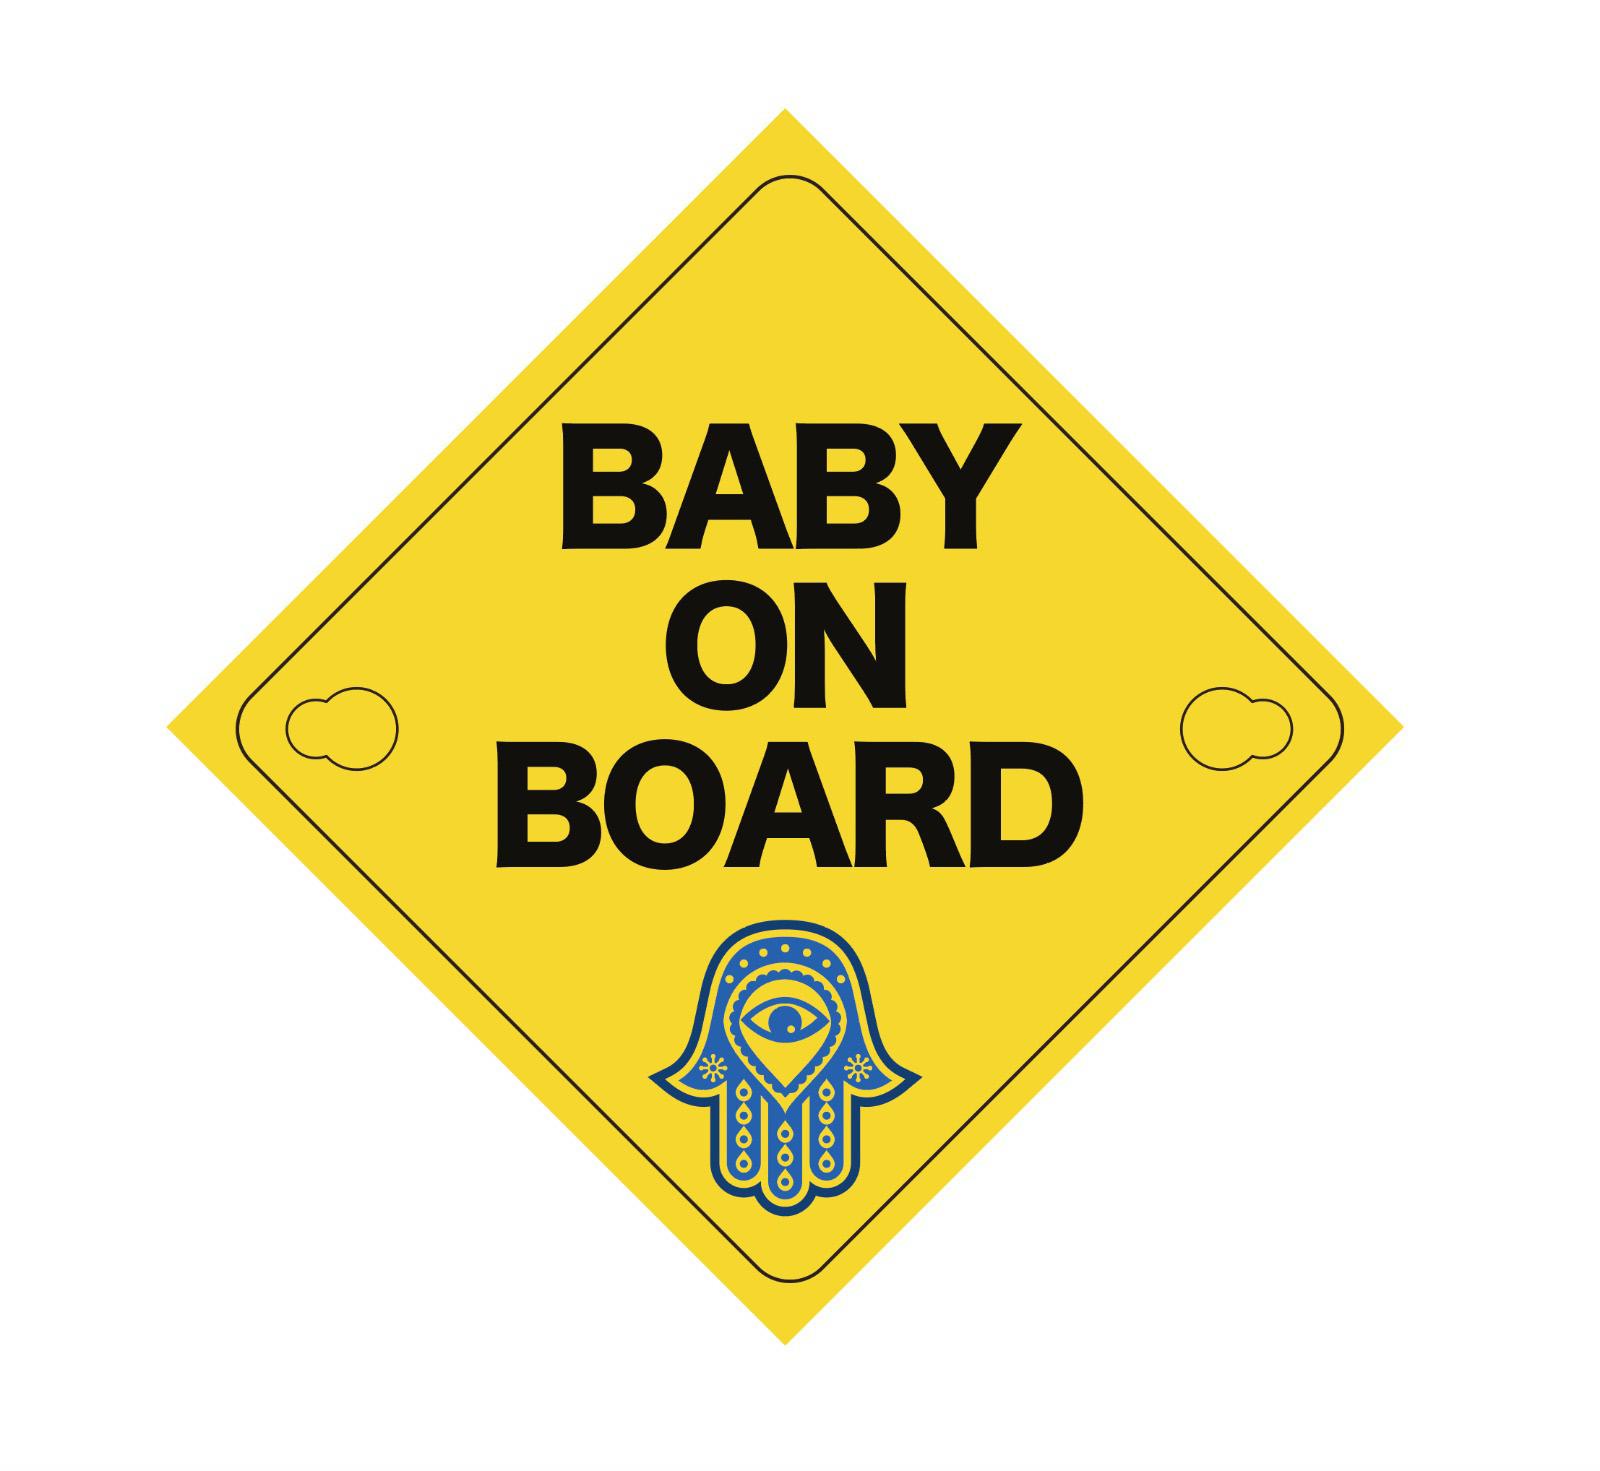 שילוט מגנטי לרכב - תינוק על הסיפון חמסה